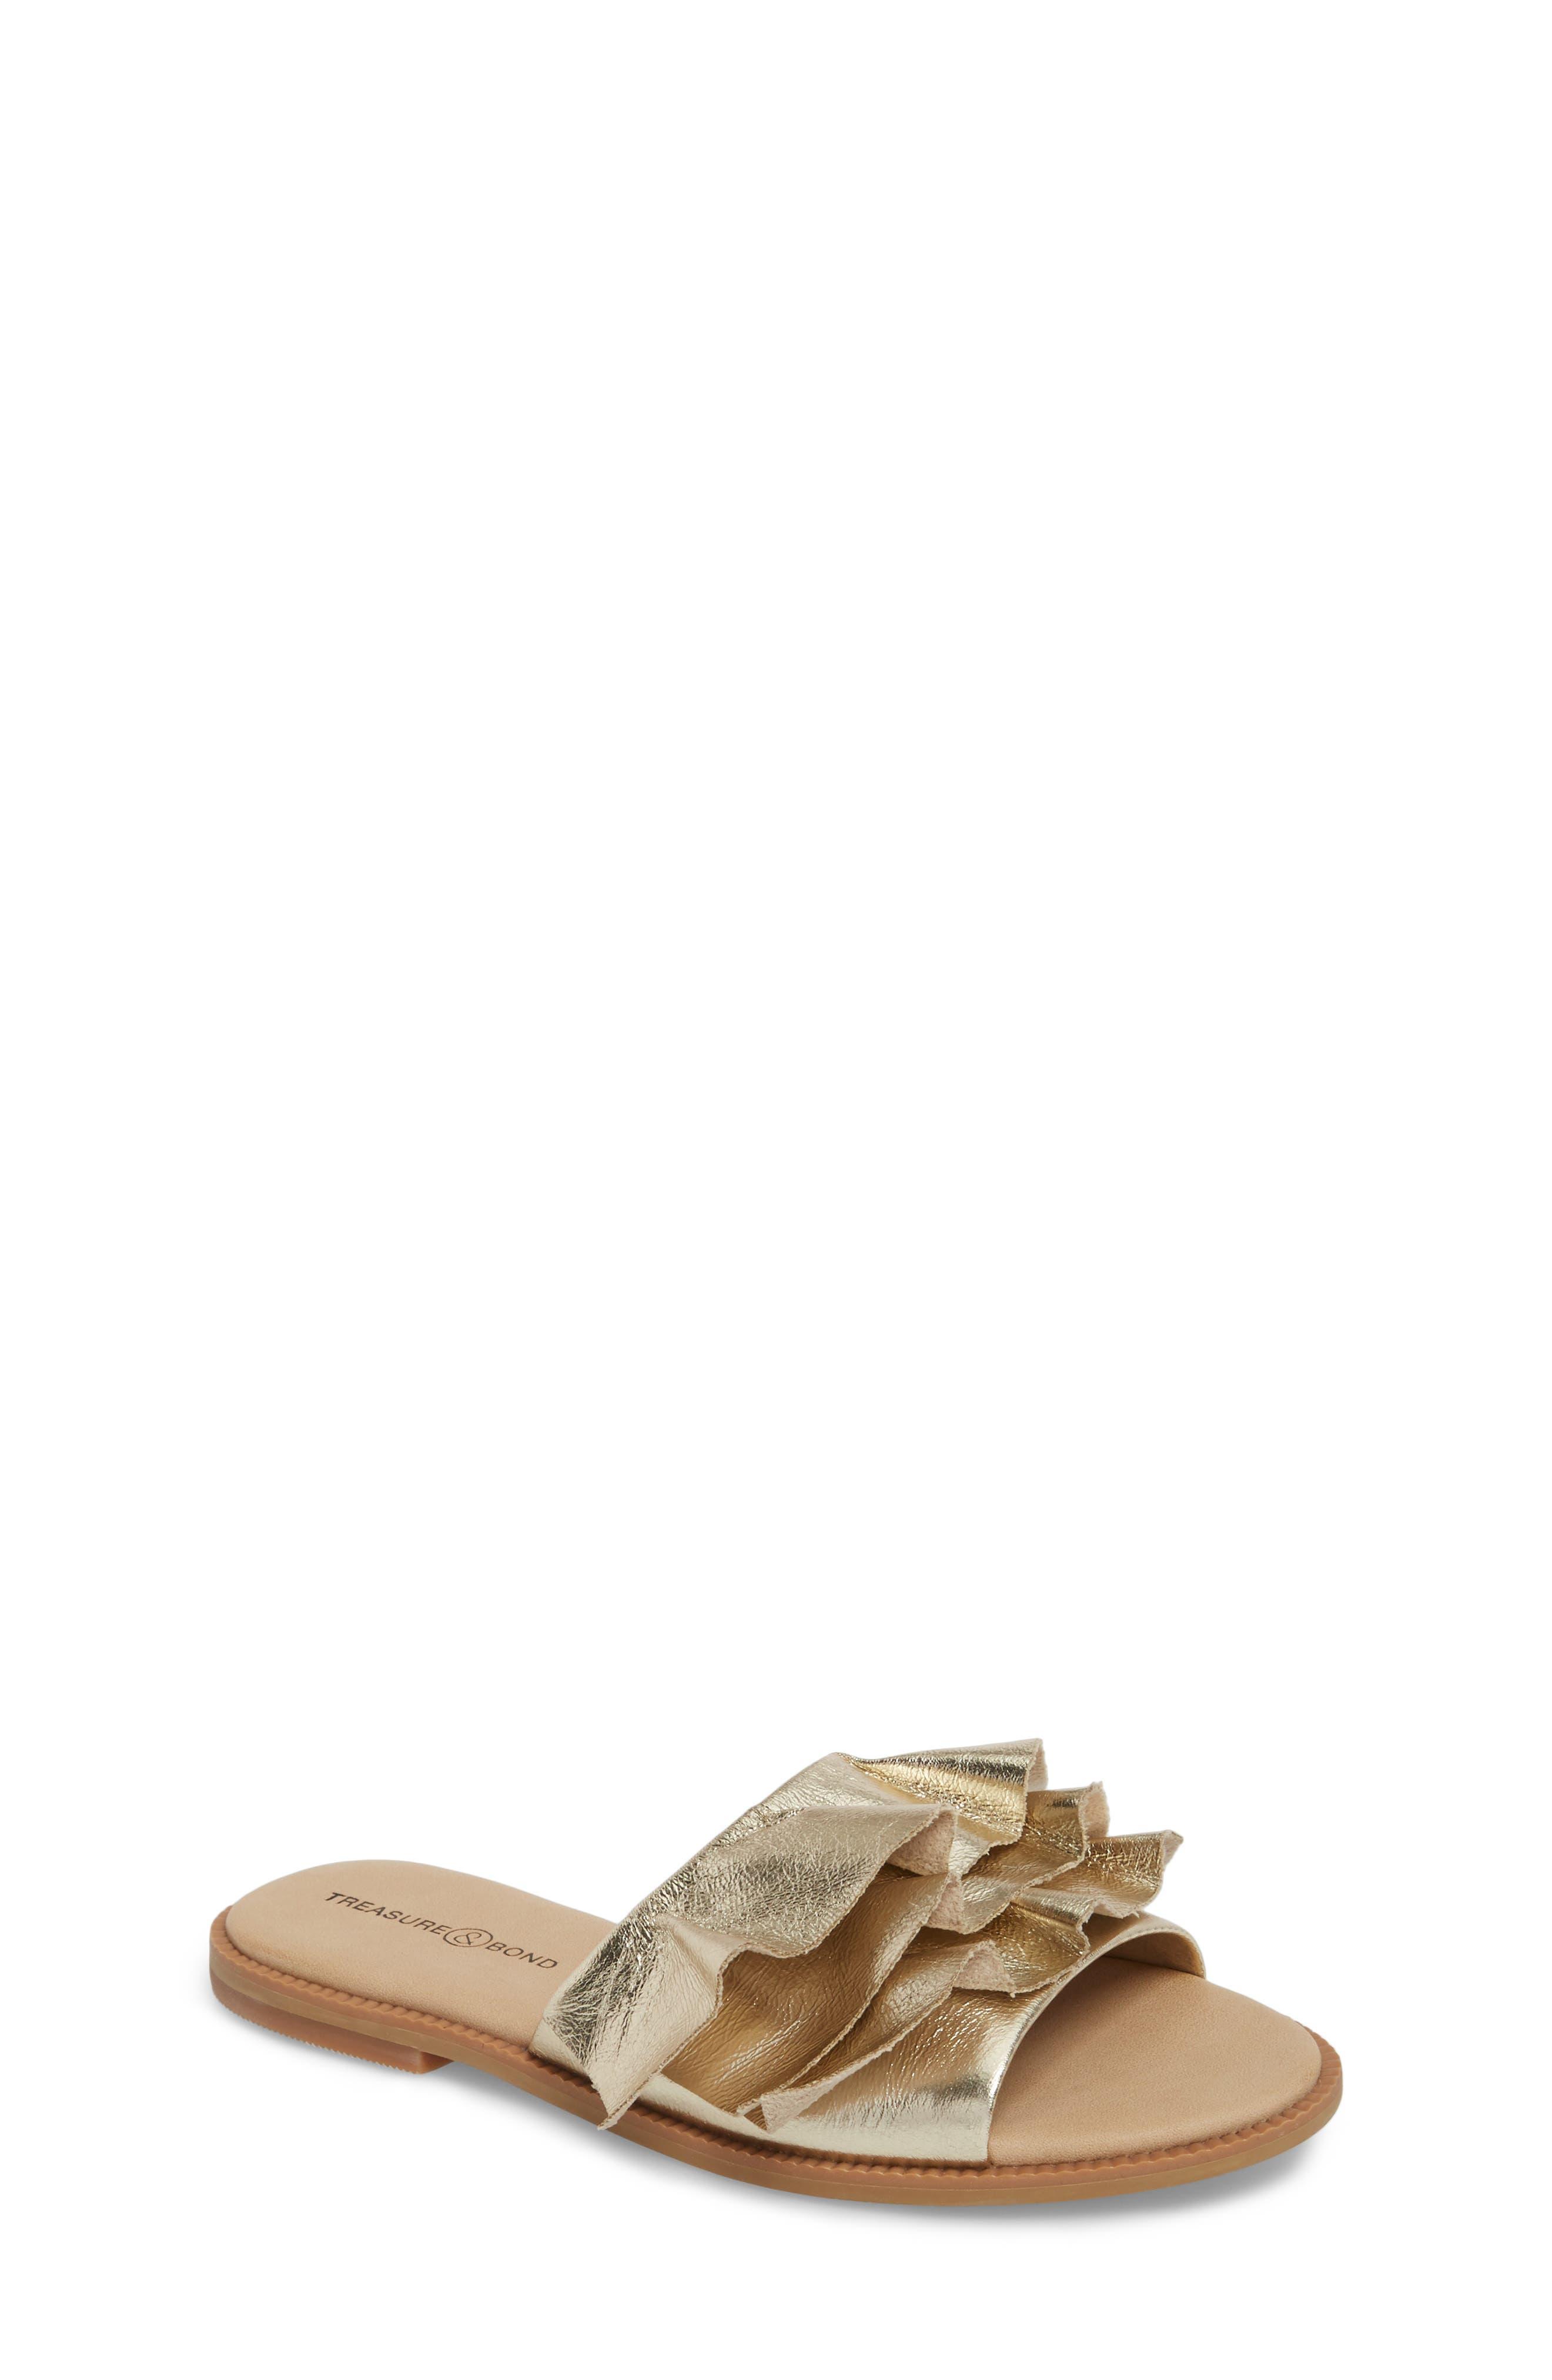 Ruby Ruffled Slide Sandal,                         Main,                         color, 710